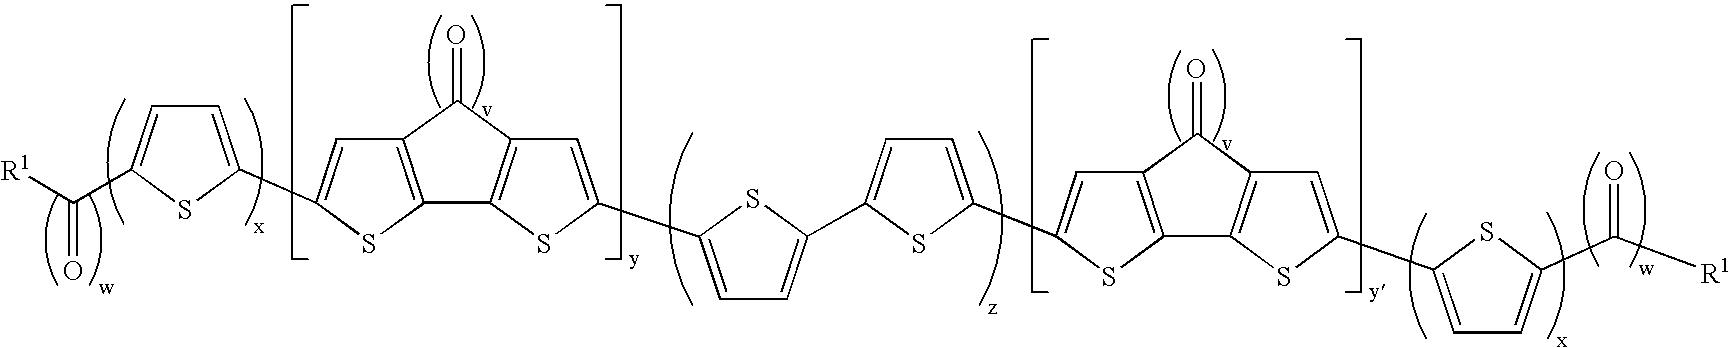 Figure US20060186401A1-20060824-C00016